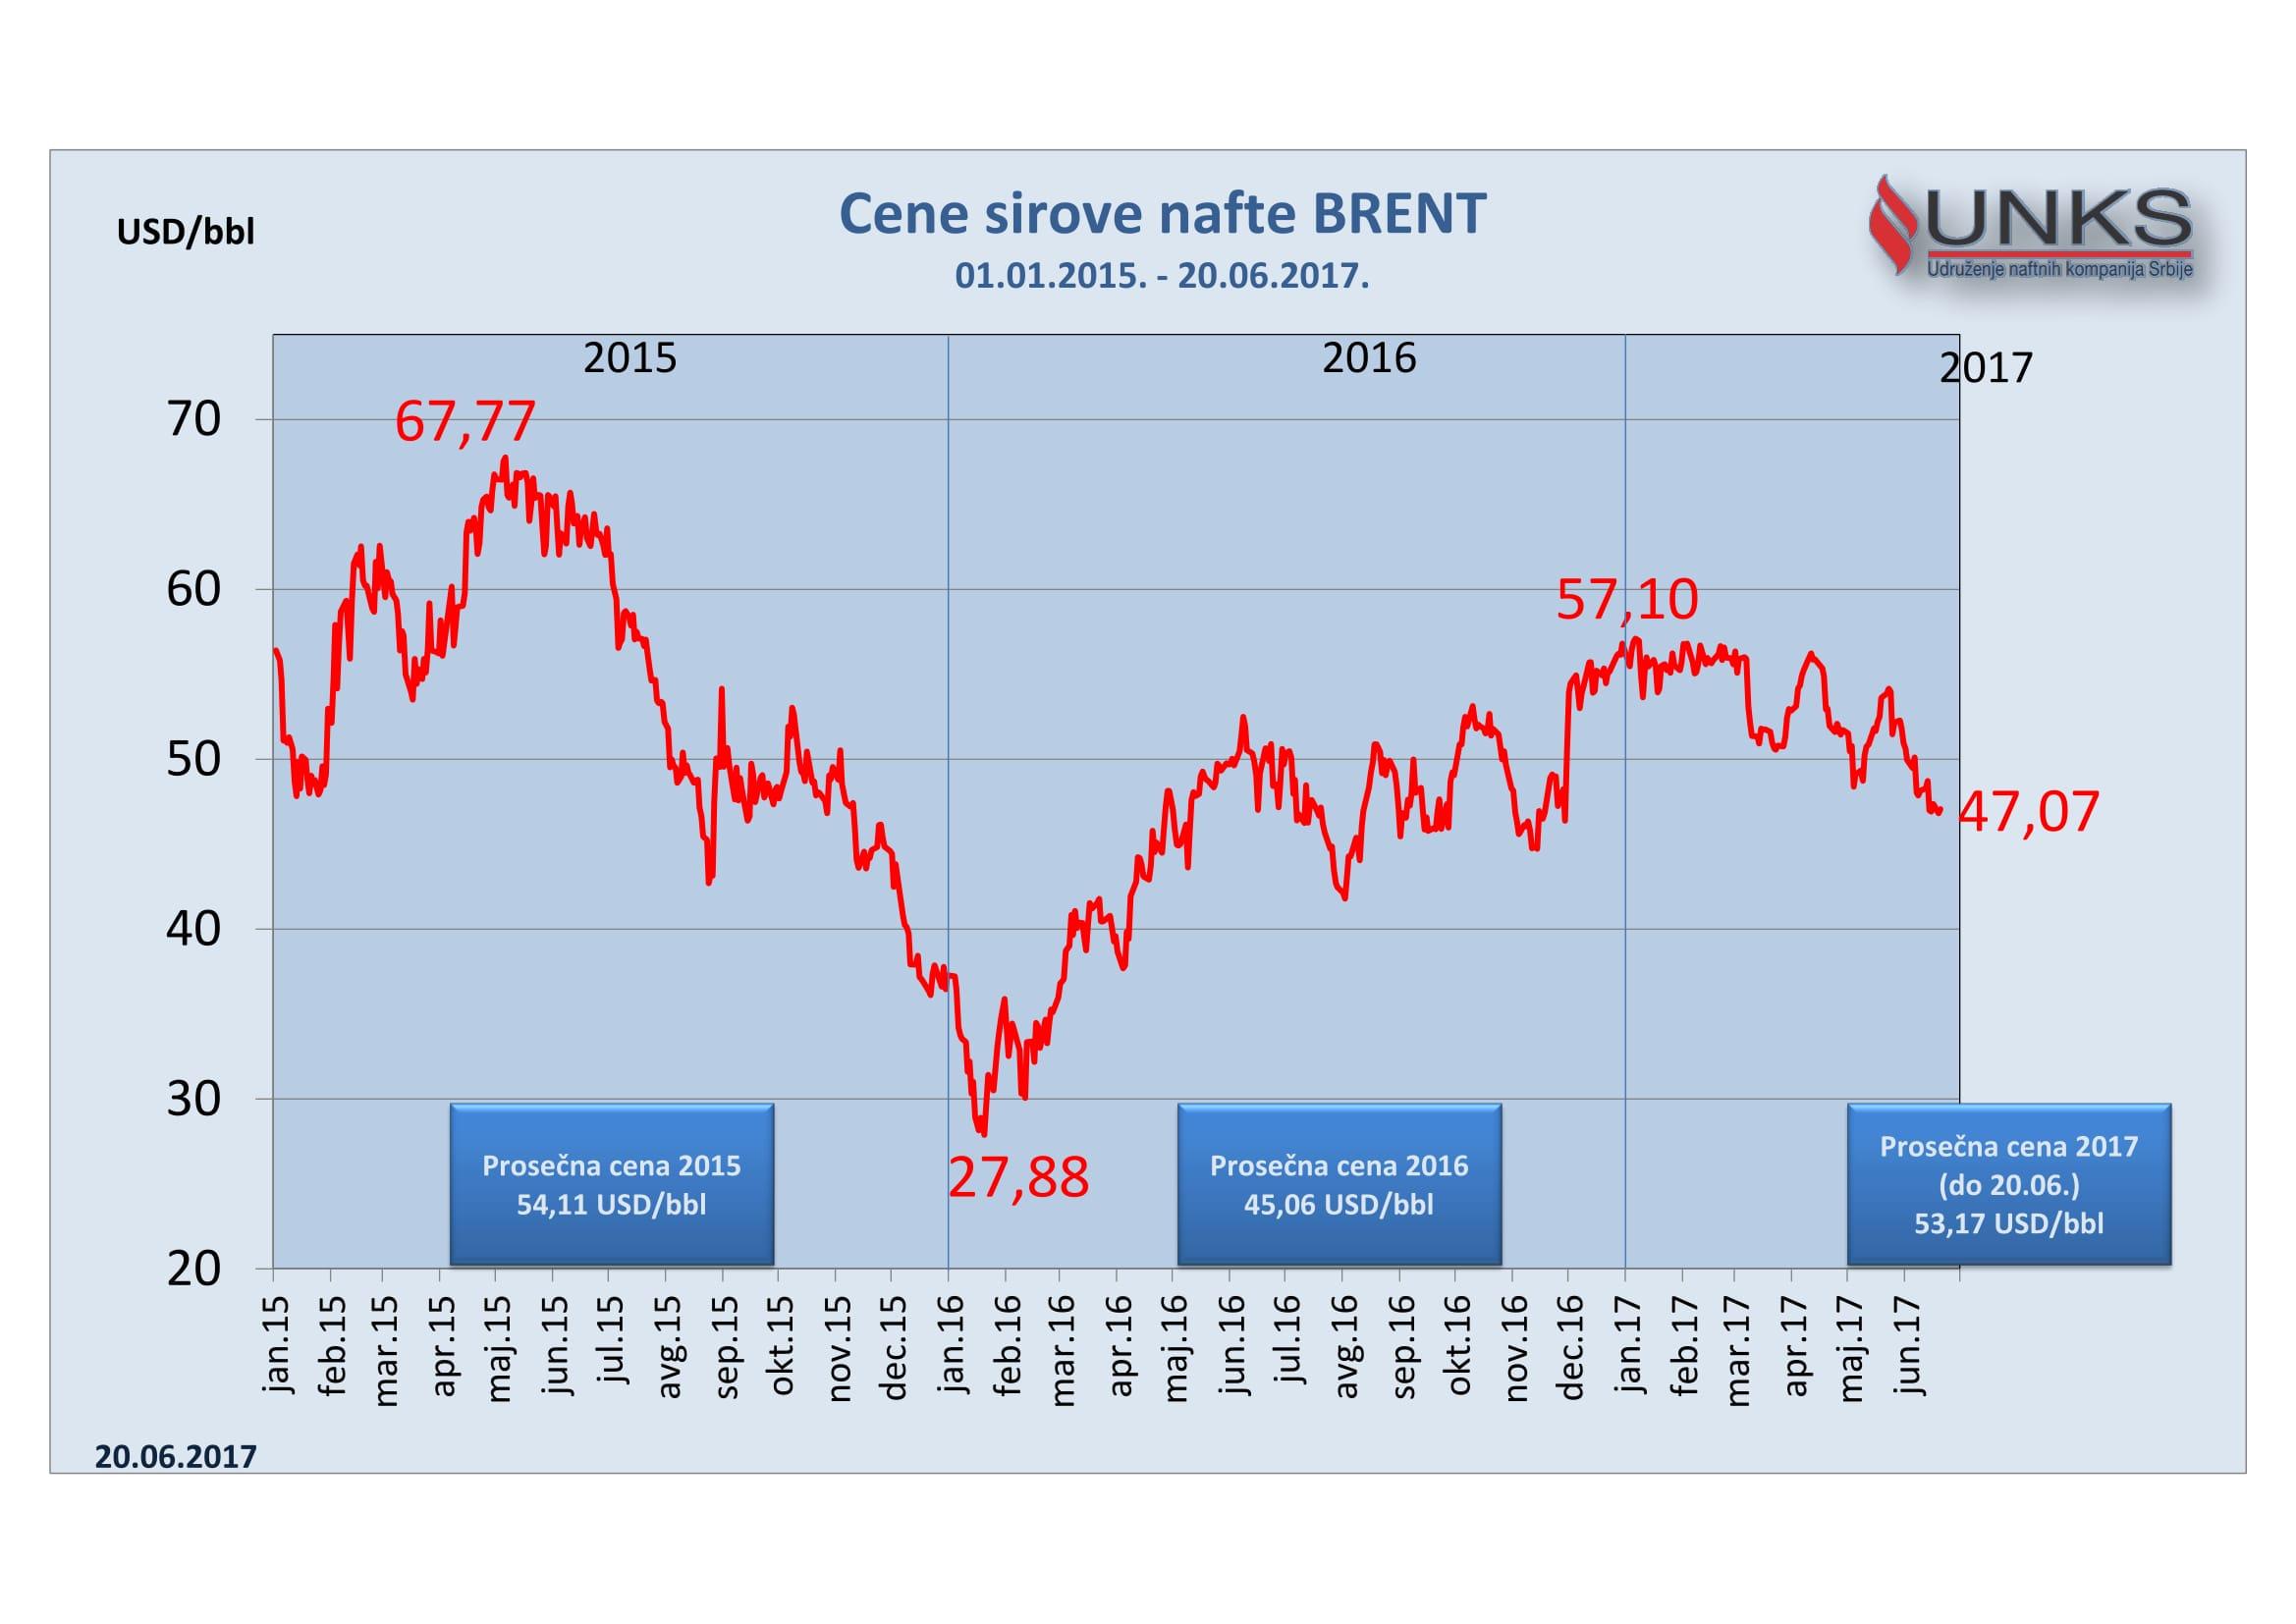 Cene goriva i dalje imaju trend pada